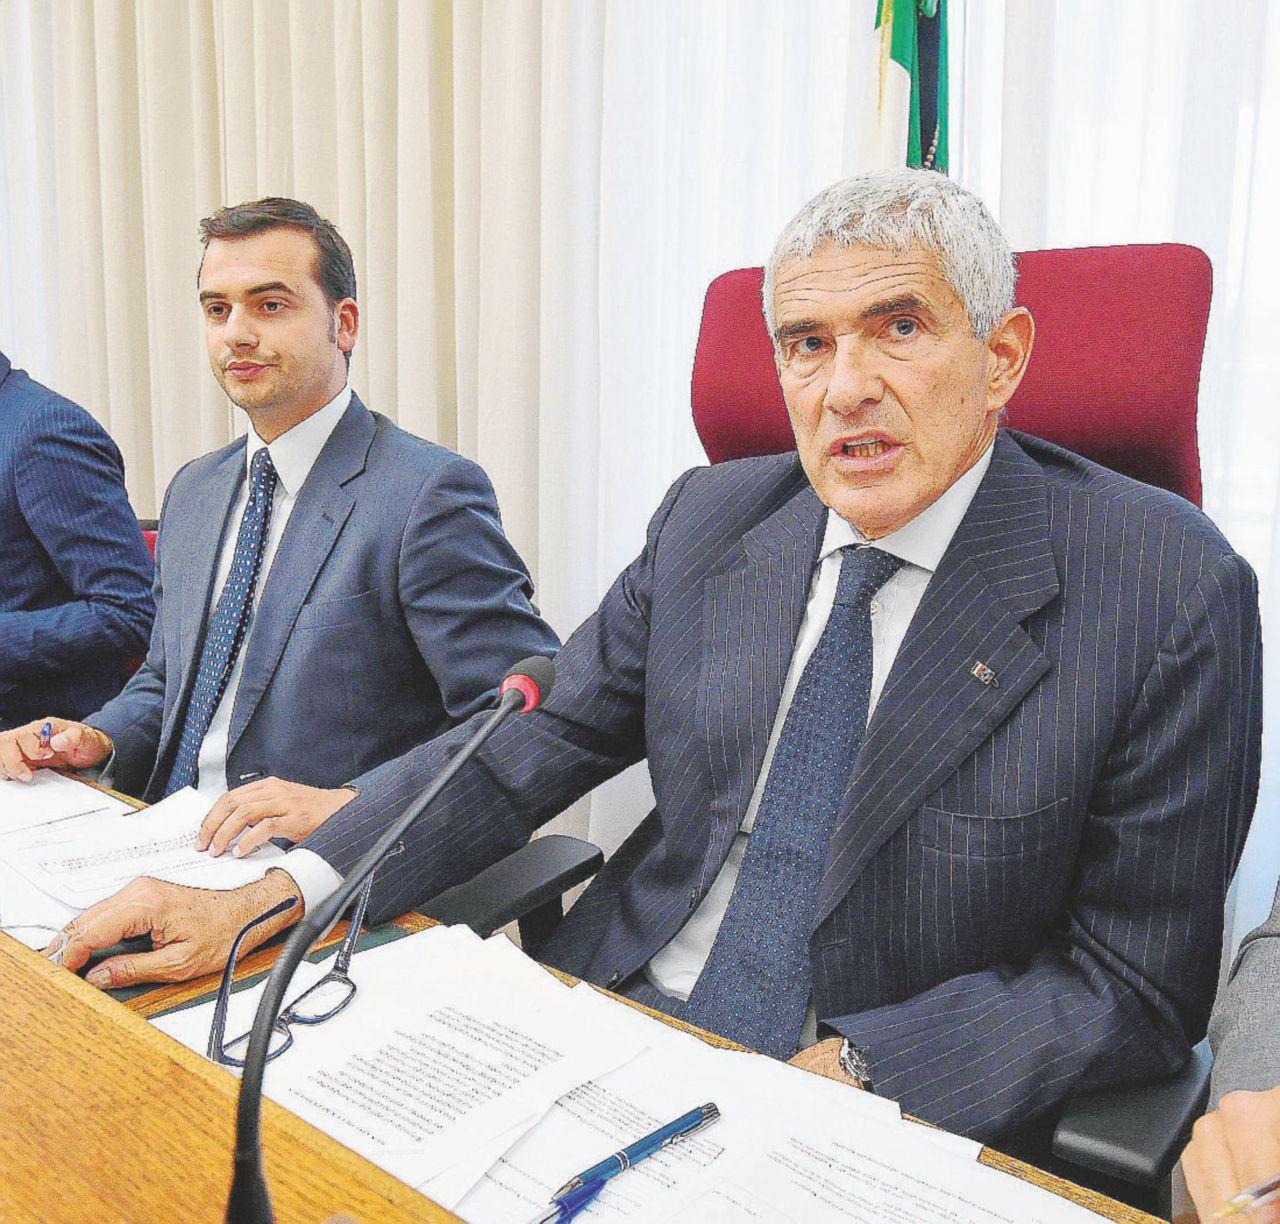 In Edicola sul Fatto del 5 novembre, intervista a Ricci: 'Segreti di Grillo, angoscia di Villaggio a funerali De Andrè'